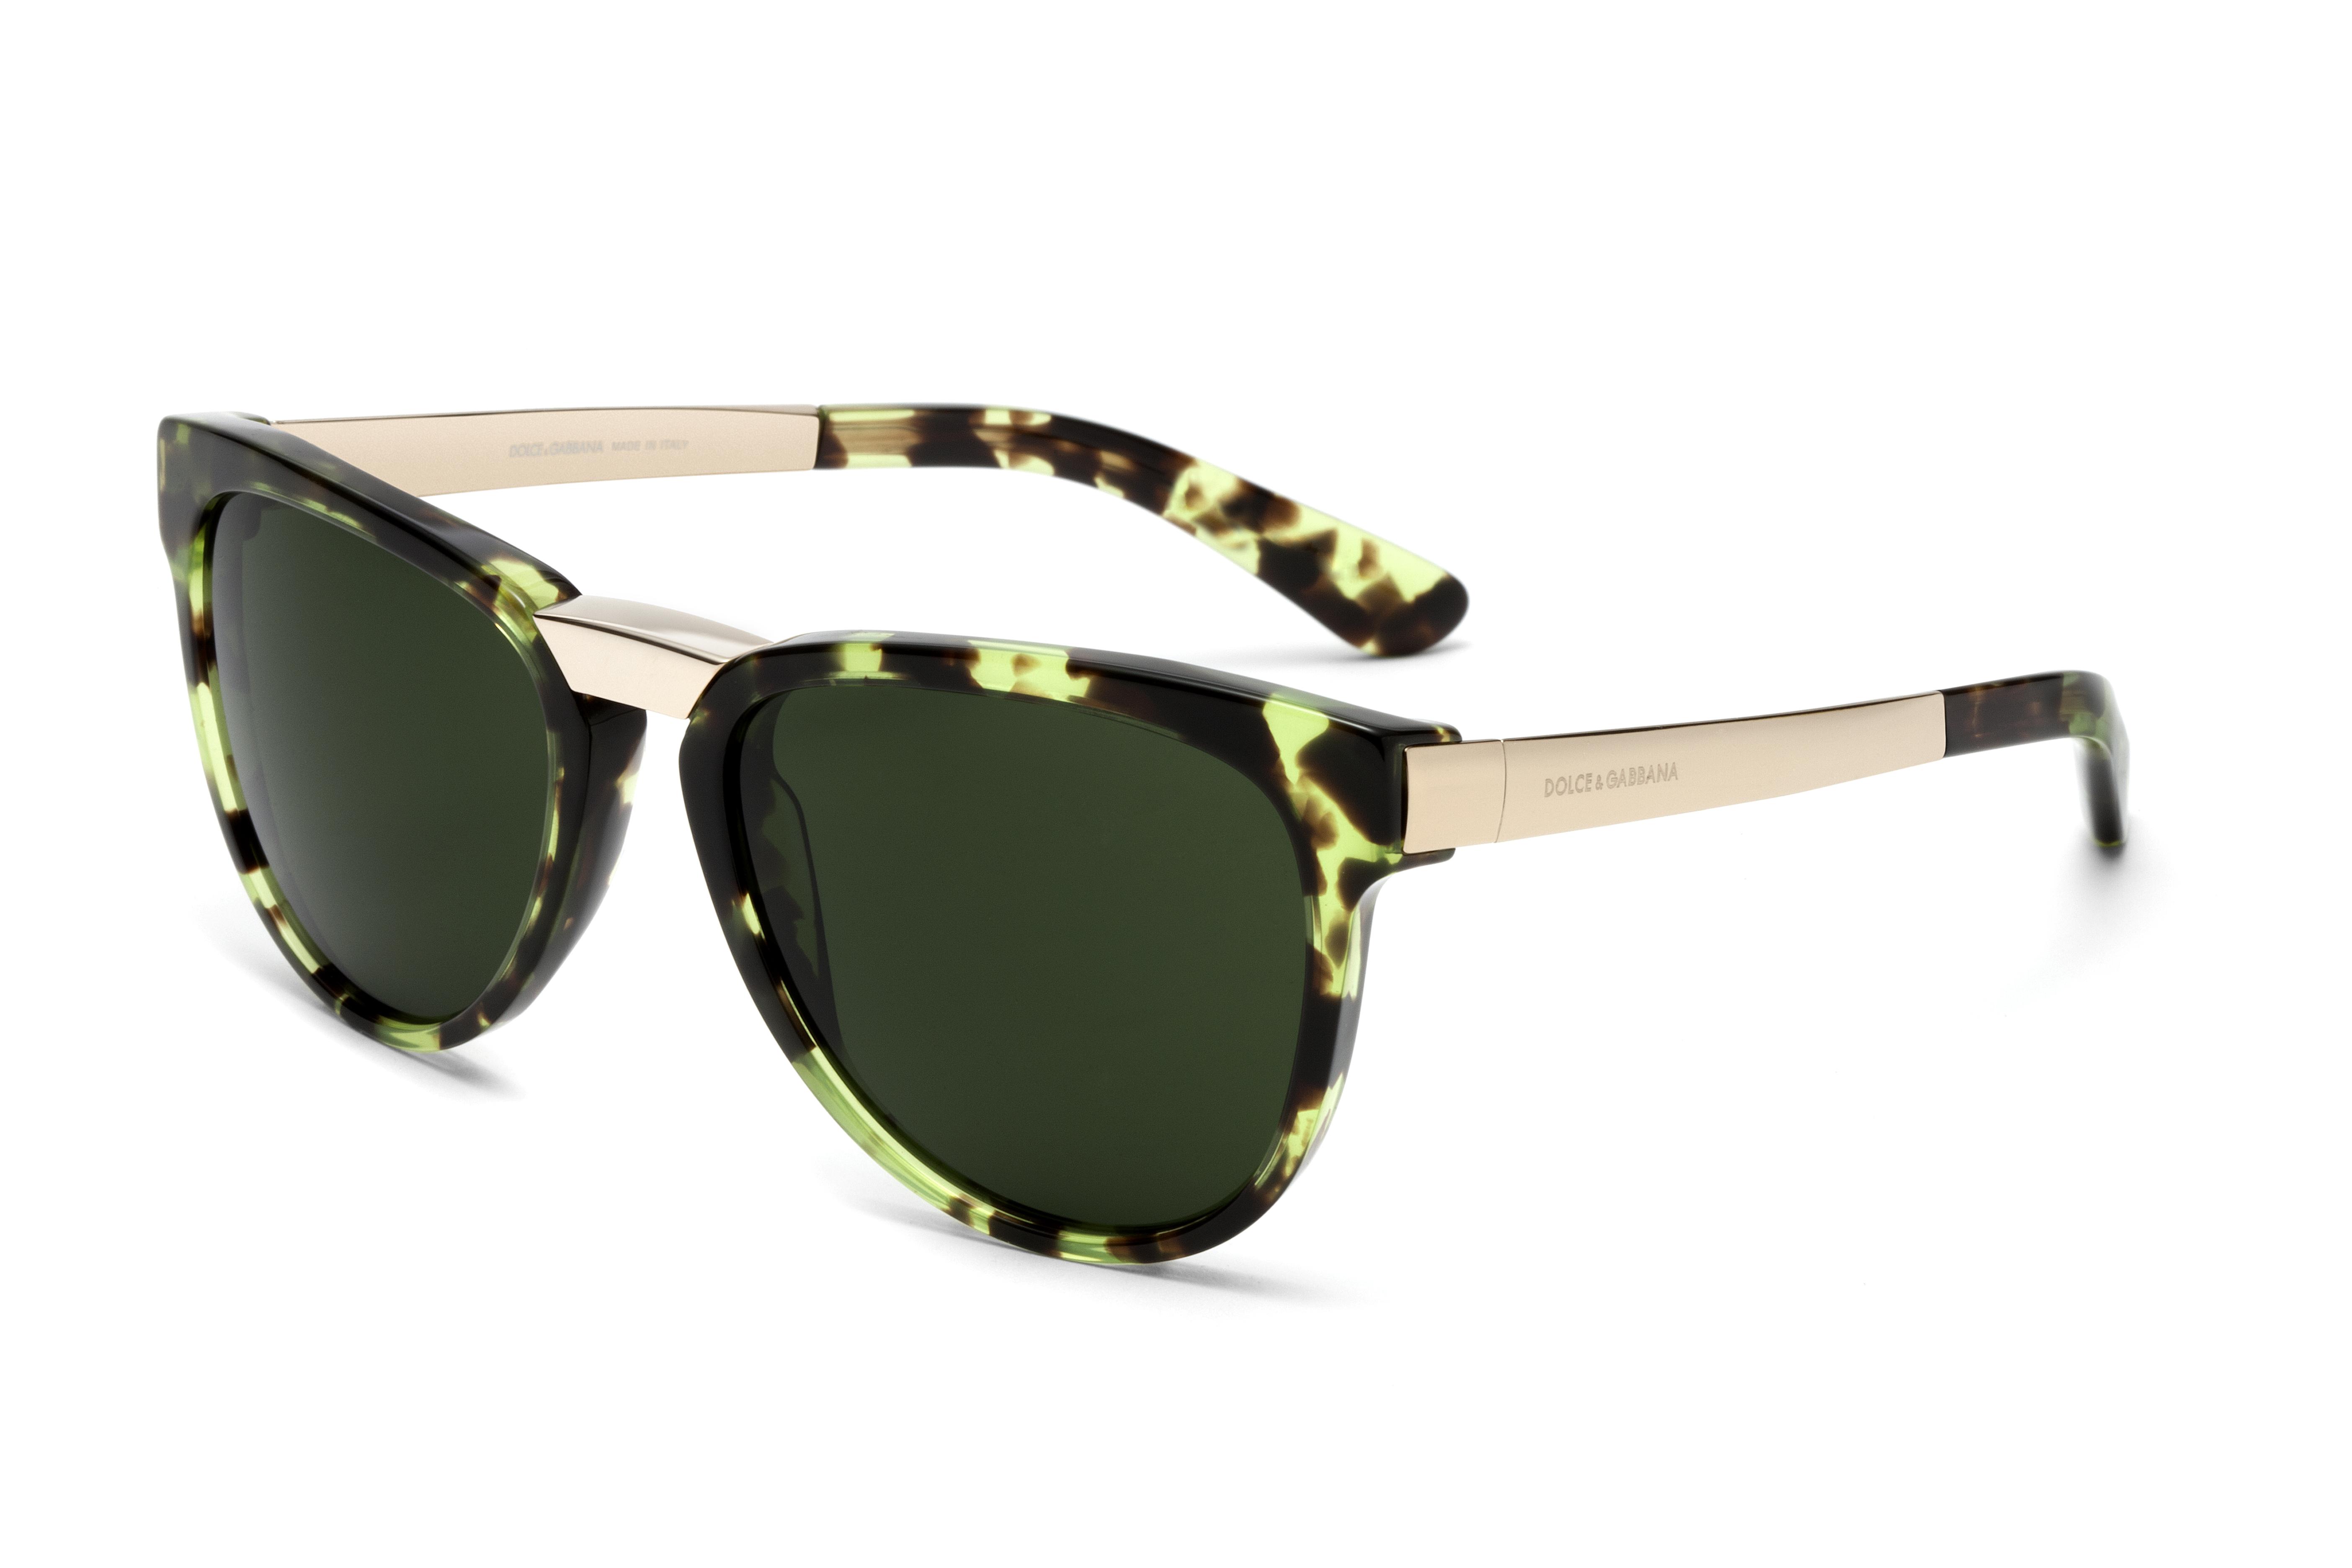 Triomphe de l or dans le plus pur style de Dolce Gabbana pour ces lunettes  de soleil aux lignes angulaires. L intérieur de la monture en acétate est  doré ... 9eda26ce69fb